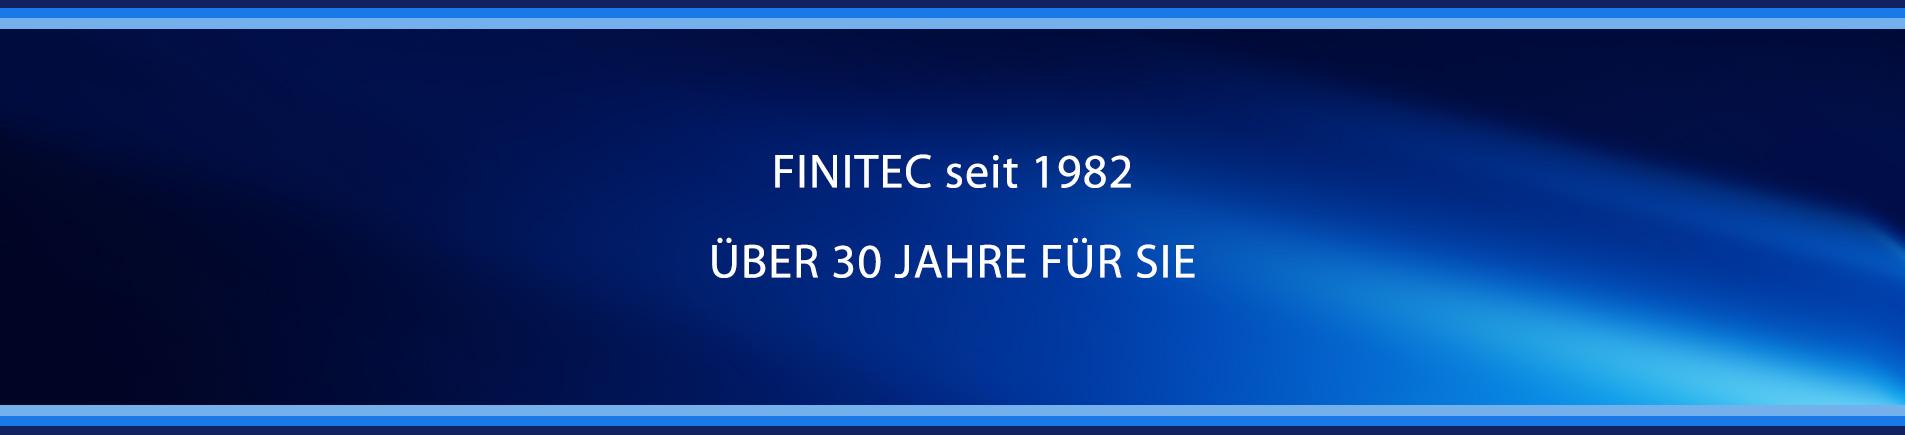 finitec-slide-3-de1